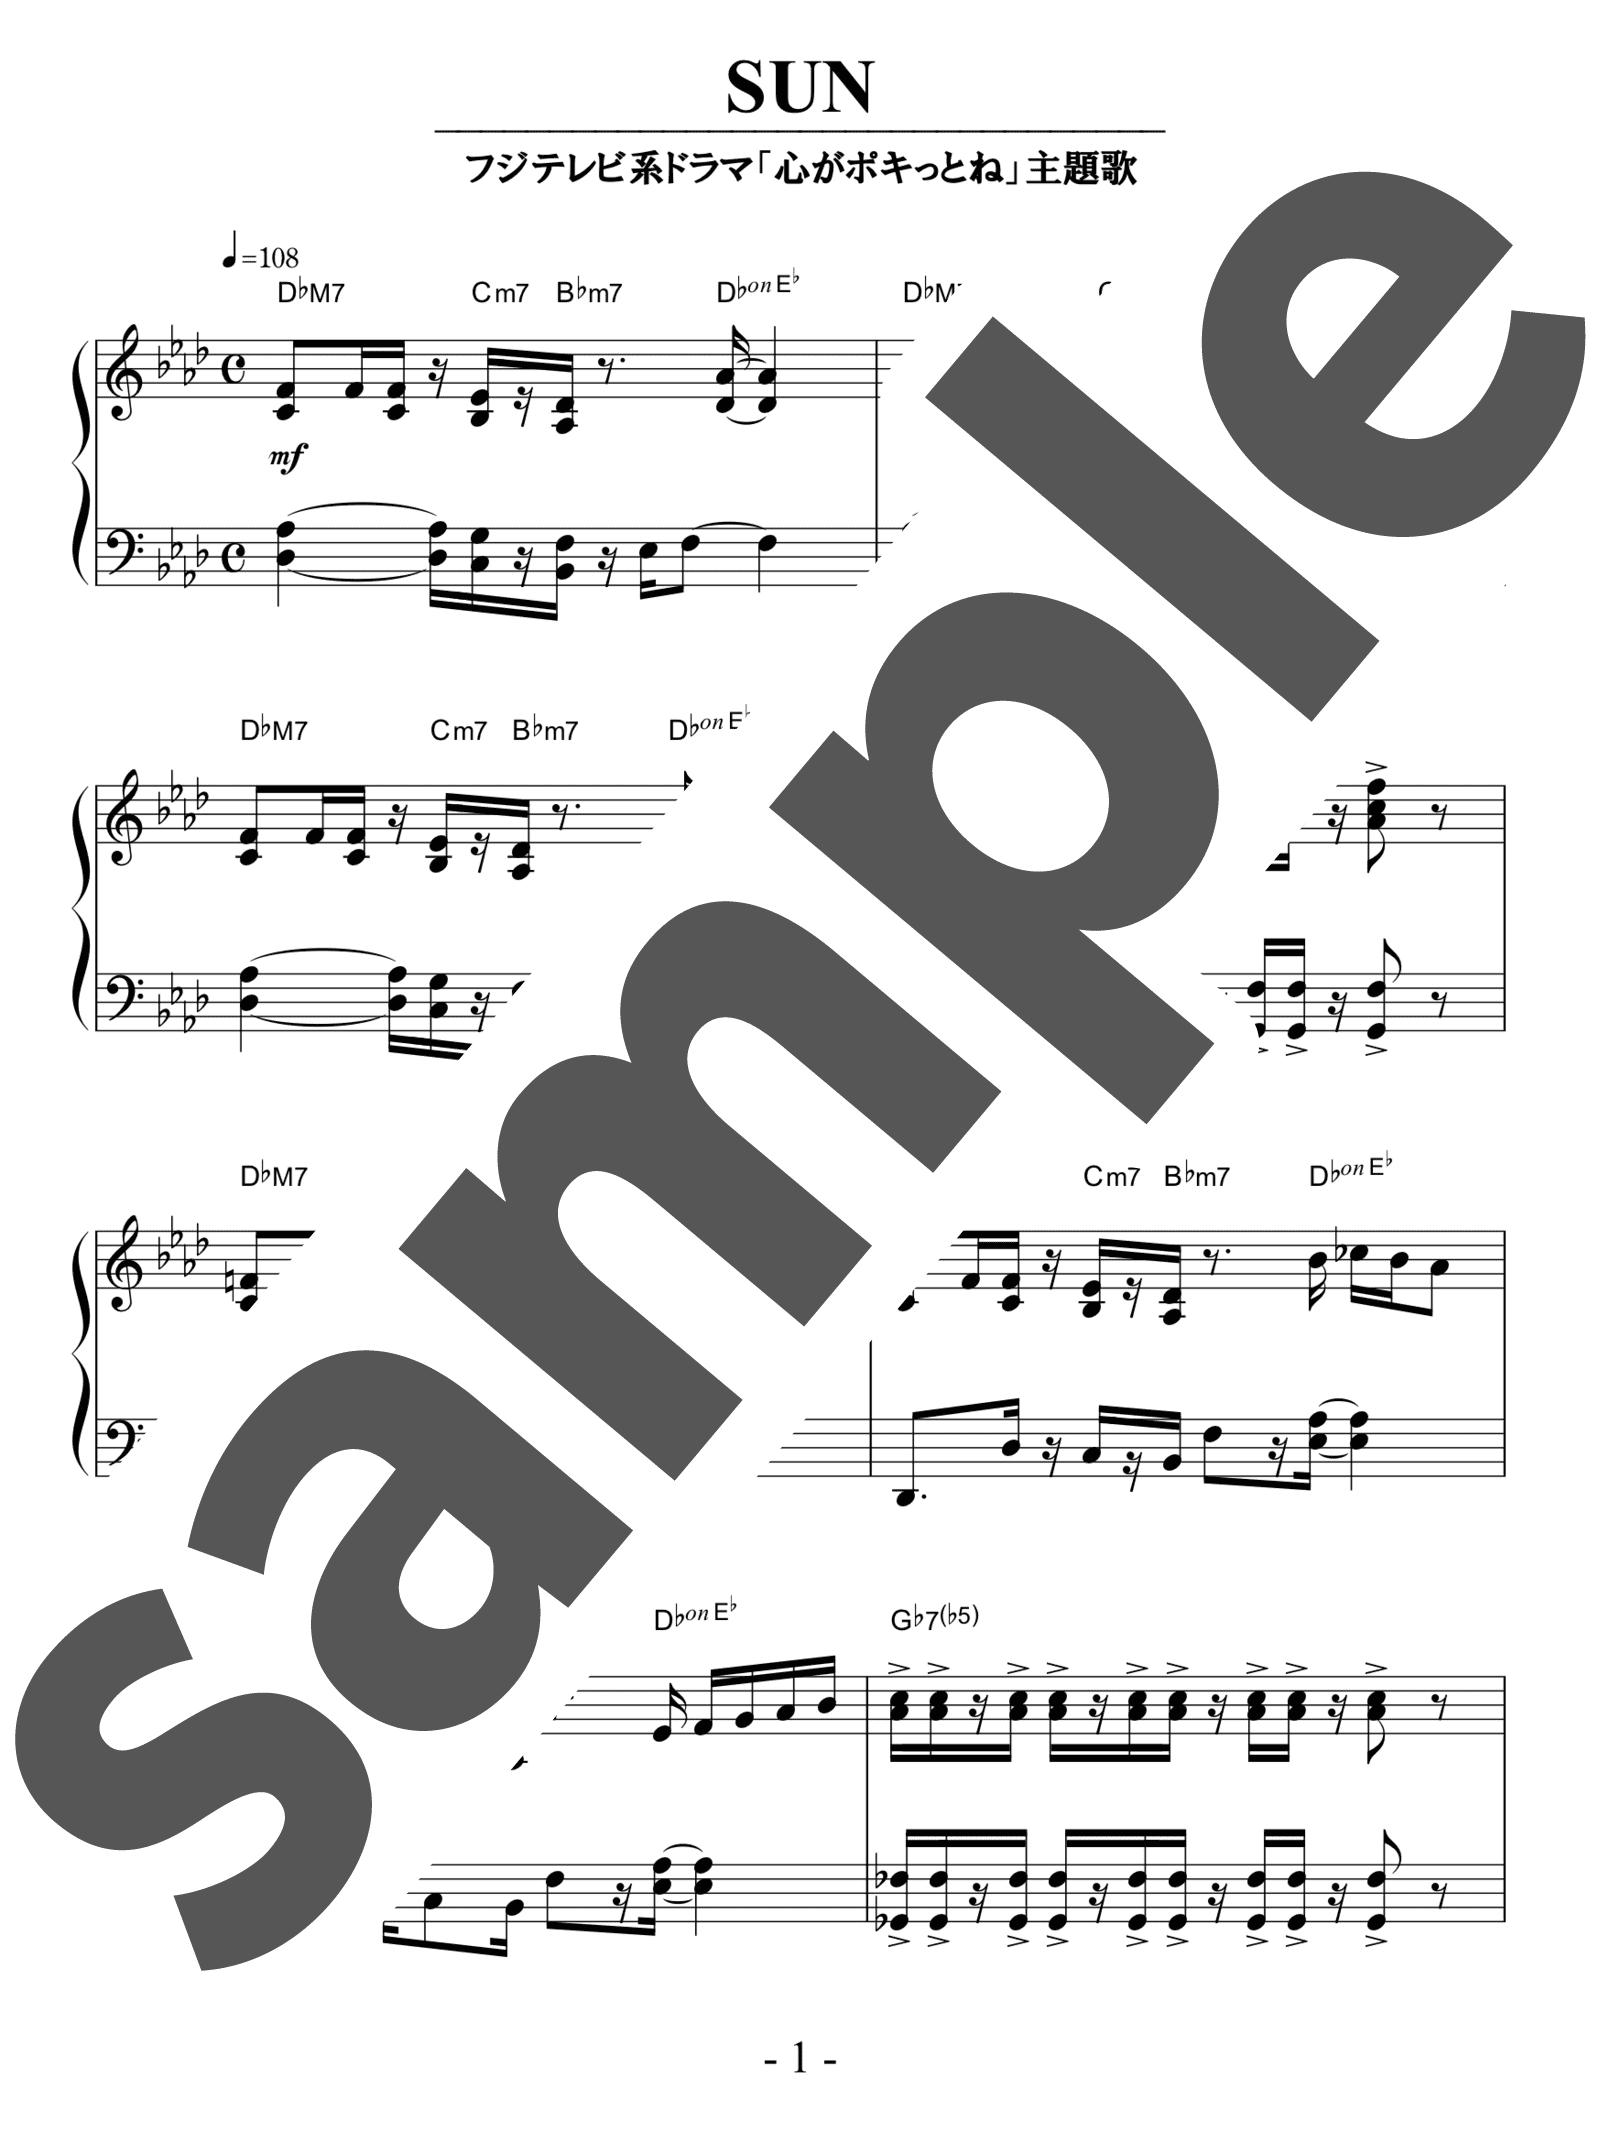 「SUN」のサンプル楽譜